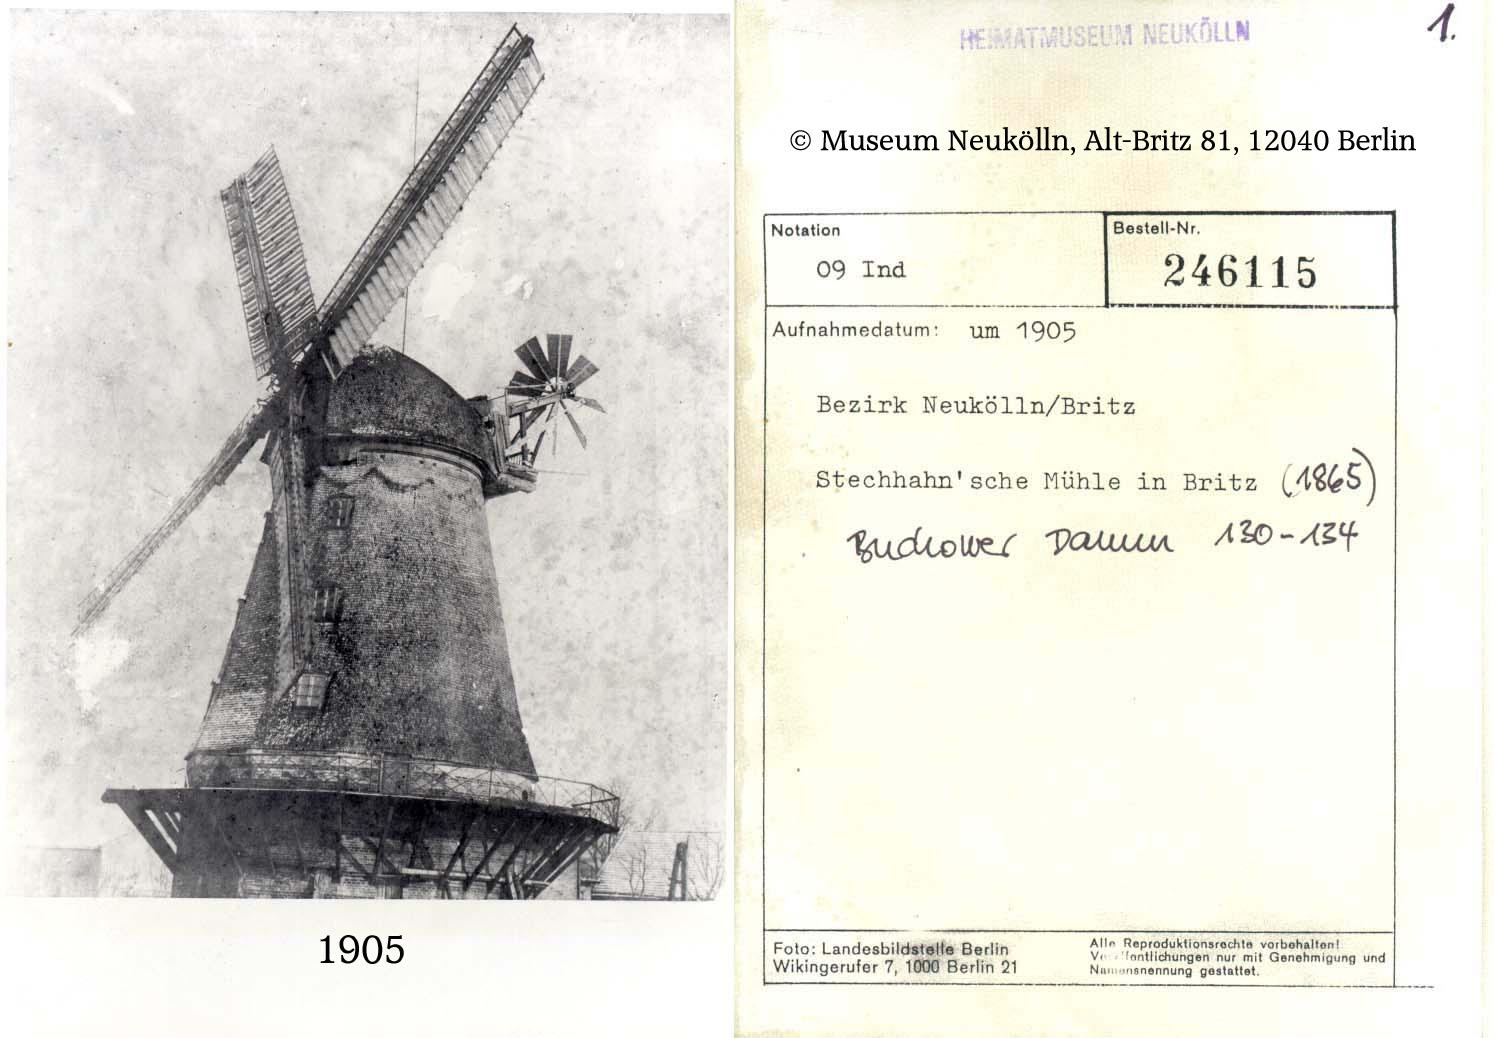 Stechhan`sche Mühle in Britz